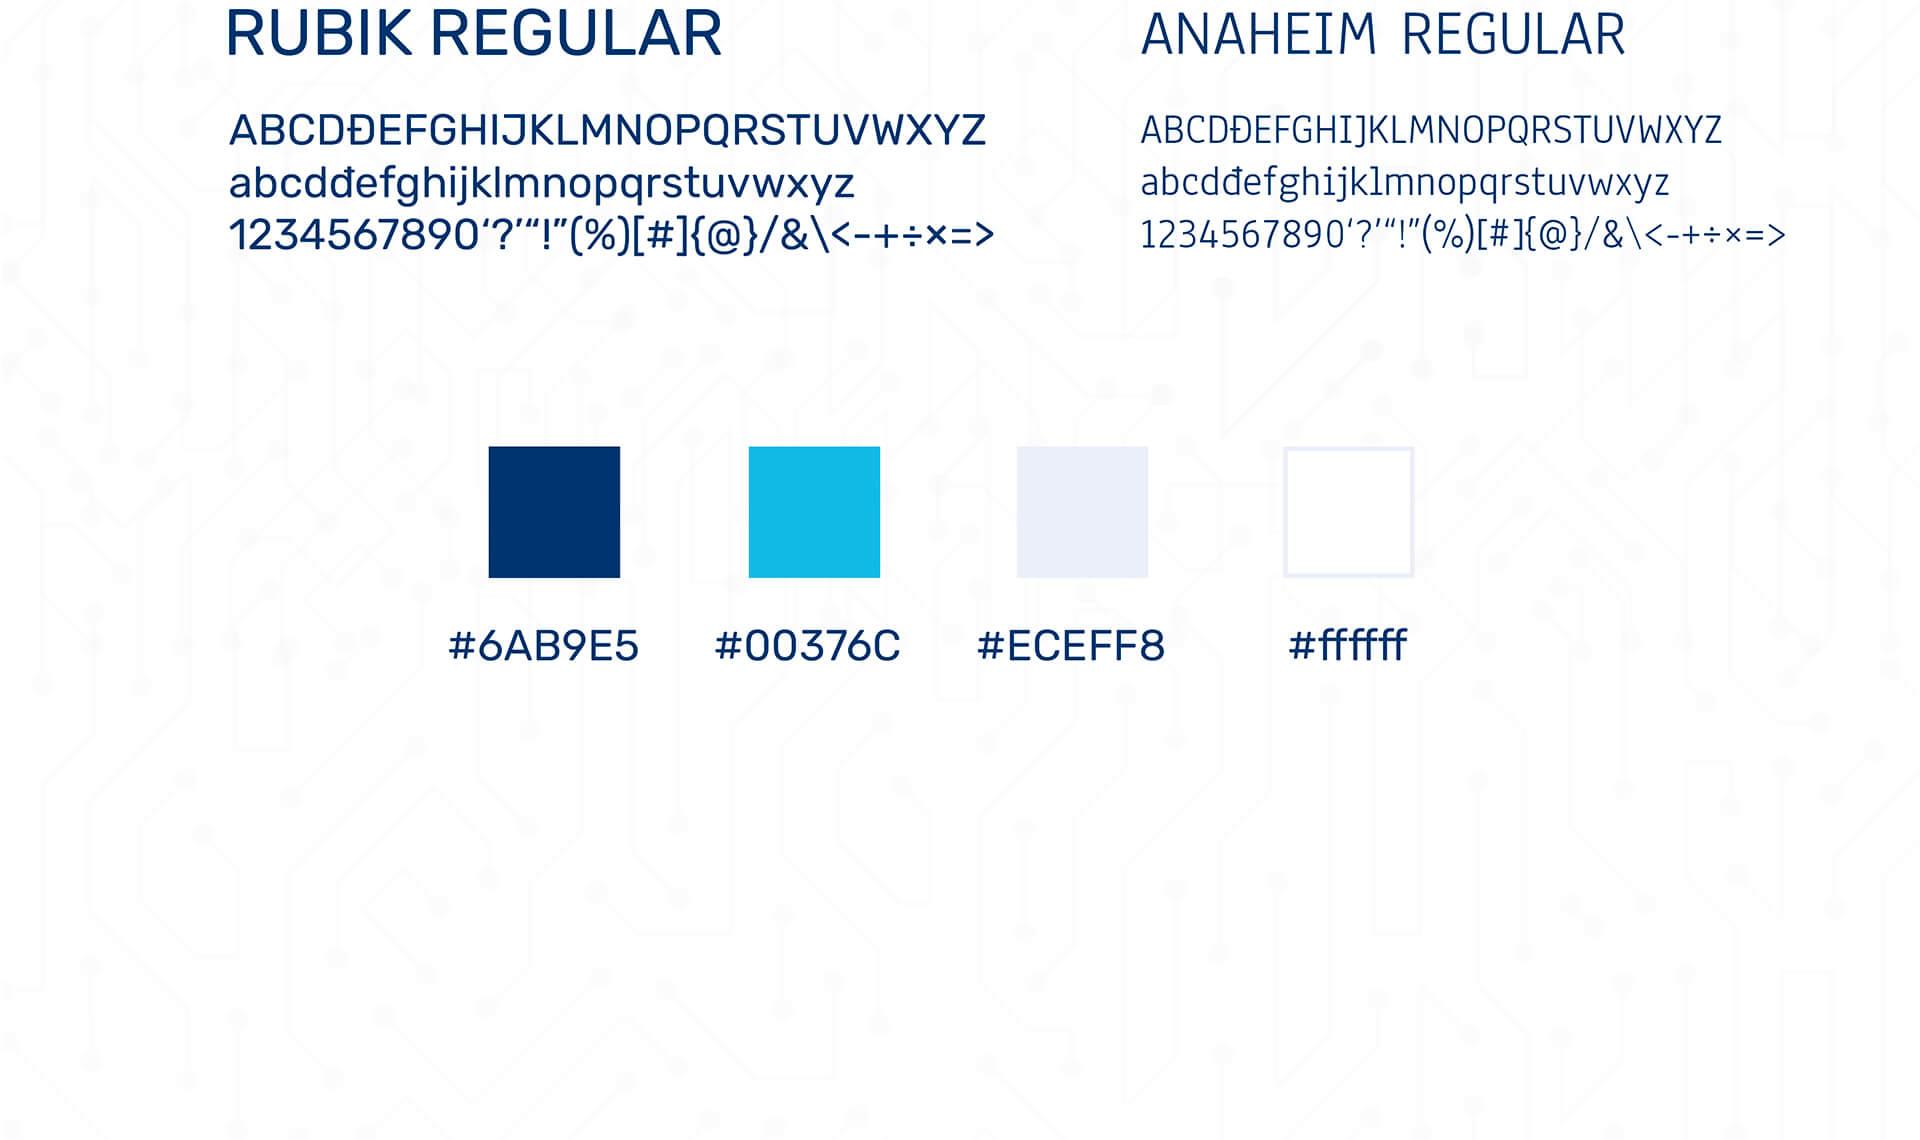 CD Humboldt in dem Schriften und Farbe beschrieben werden